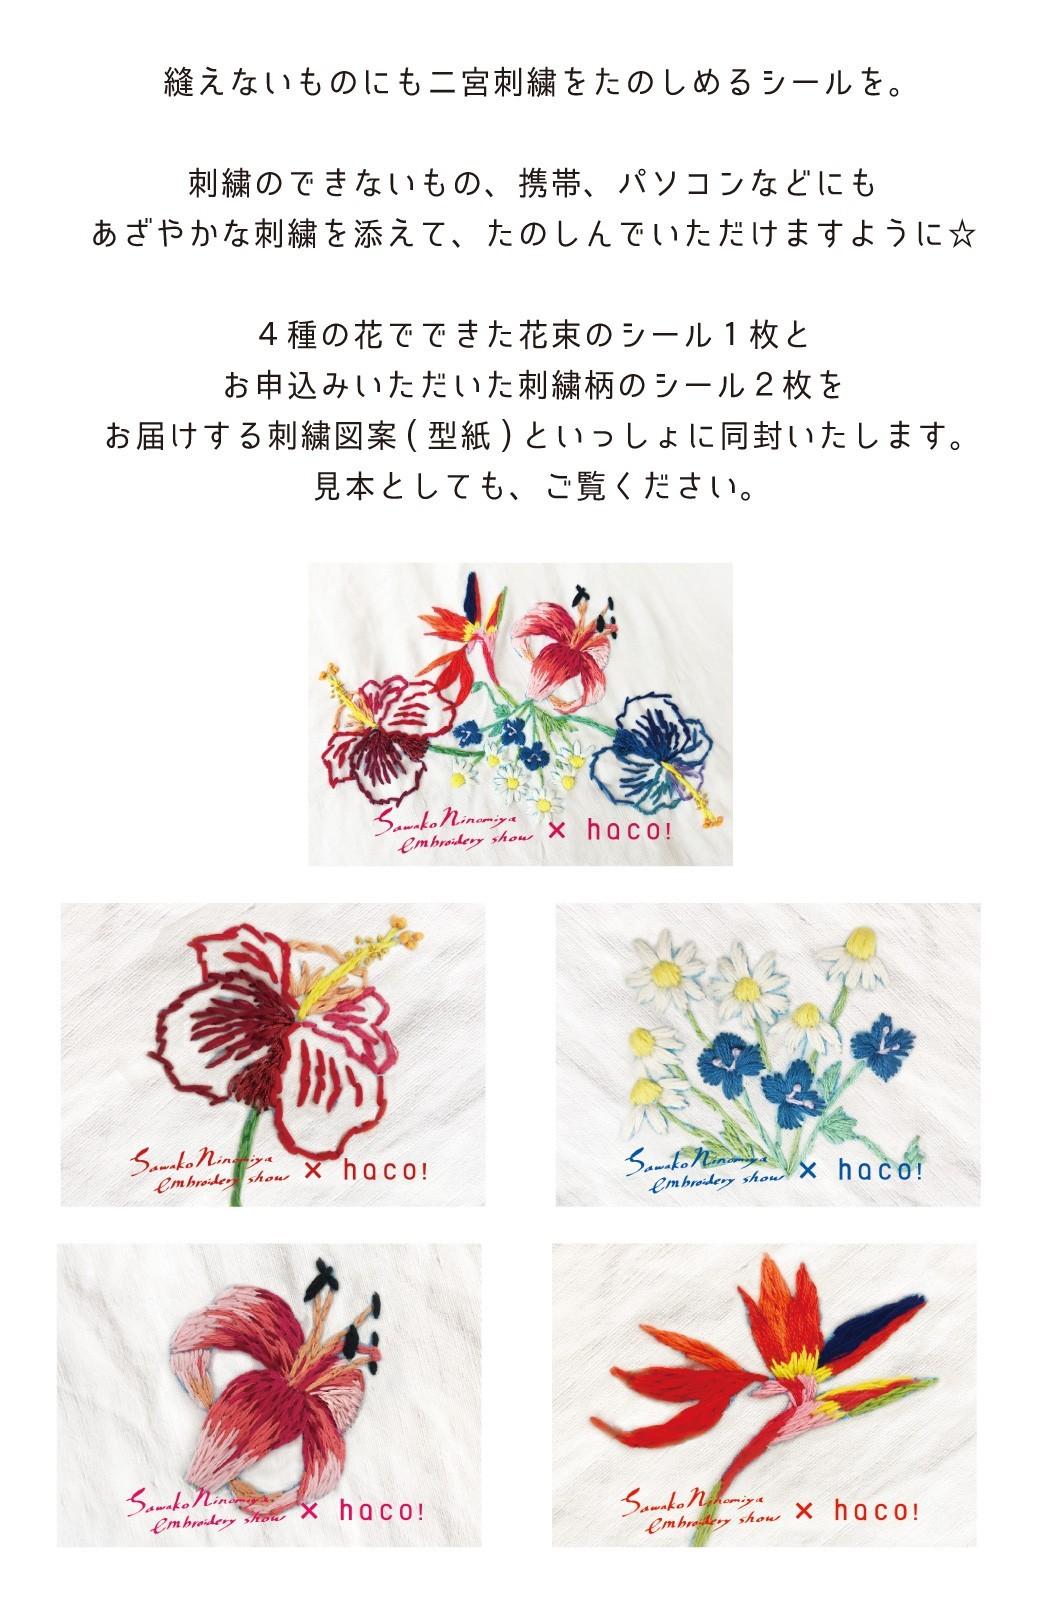 haco! haco! [haco! POST] 刺繍アーティスト二宮佐和子さんとみんなでワイワイ刺繍!zoom縫いワークショップ参加チケット 7/5・7/8開催<unique> <その他>の商品写真7